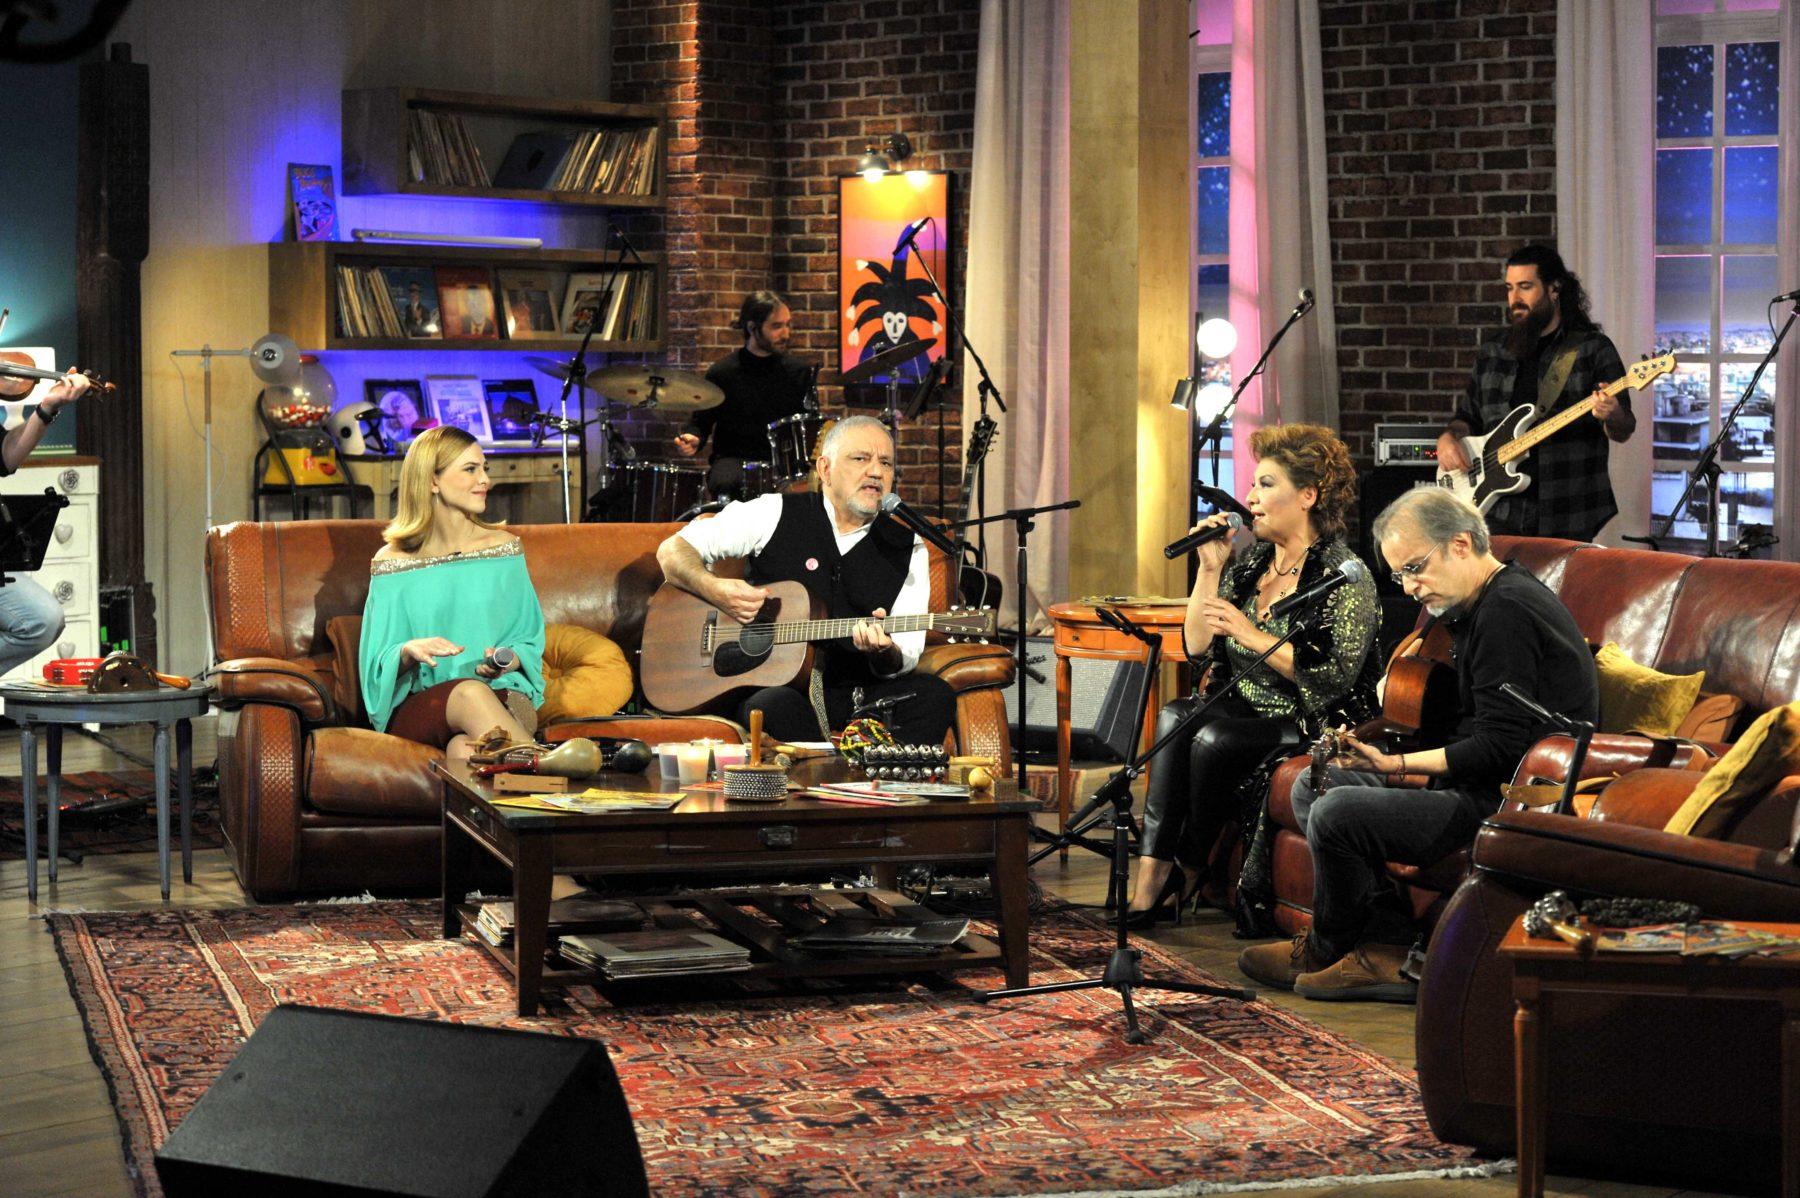 Ο Μίλτος Πασχαλίδης και η Γιώτα Νέγκα, σε τραγούδια που μας ενώνουν, στο «Μουσικό κουτί»